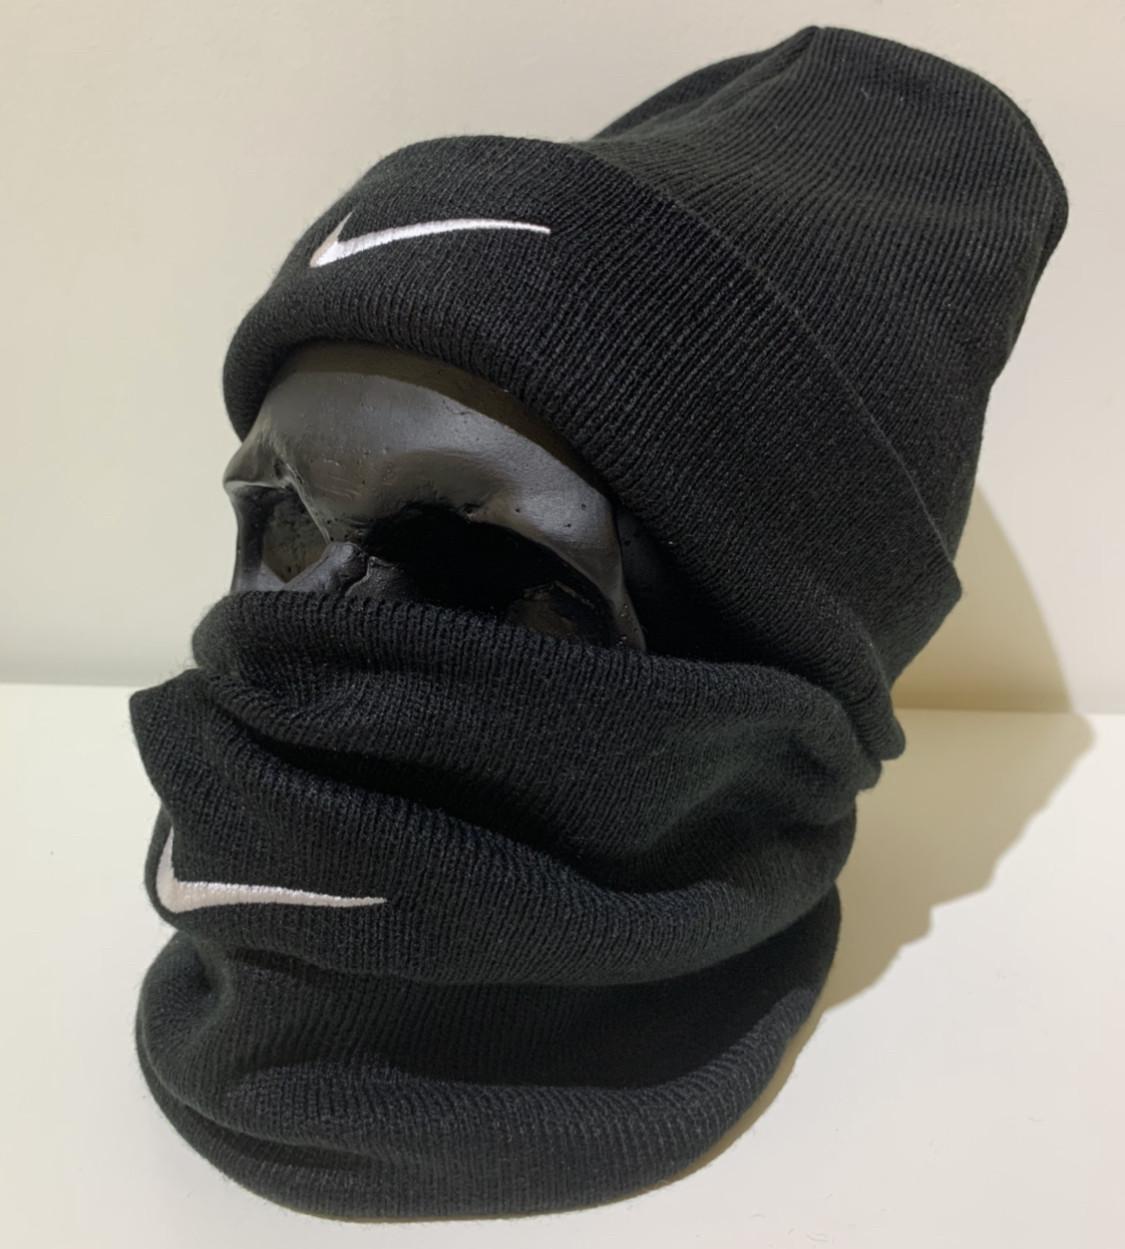 Бафф мужской Nike - ❄️ Winter ❄️ Черный